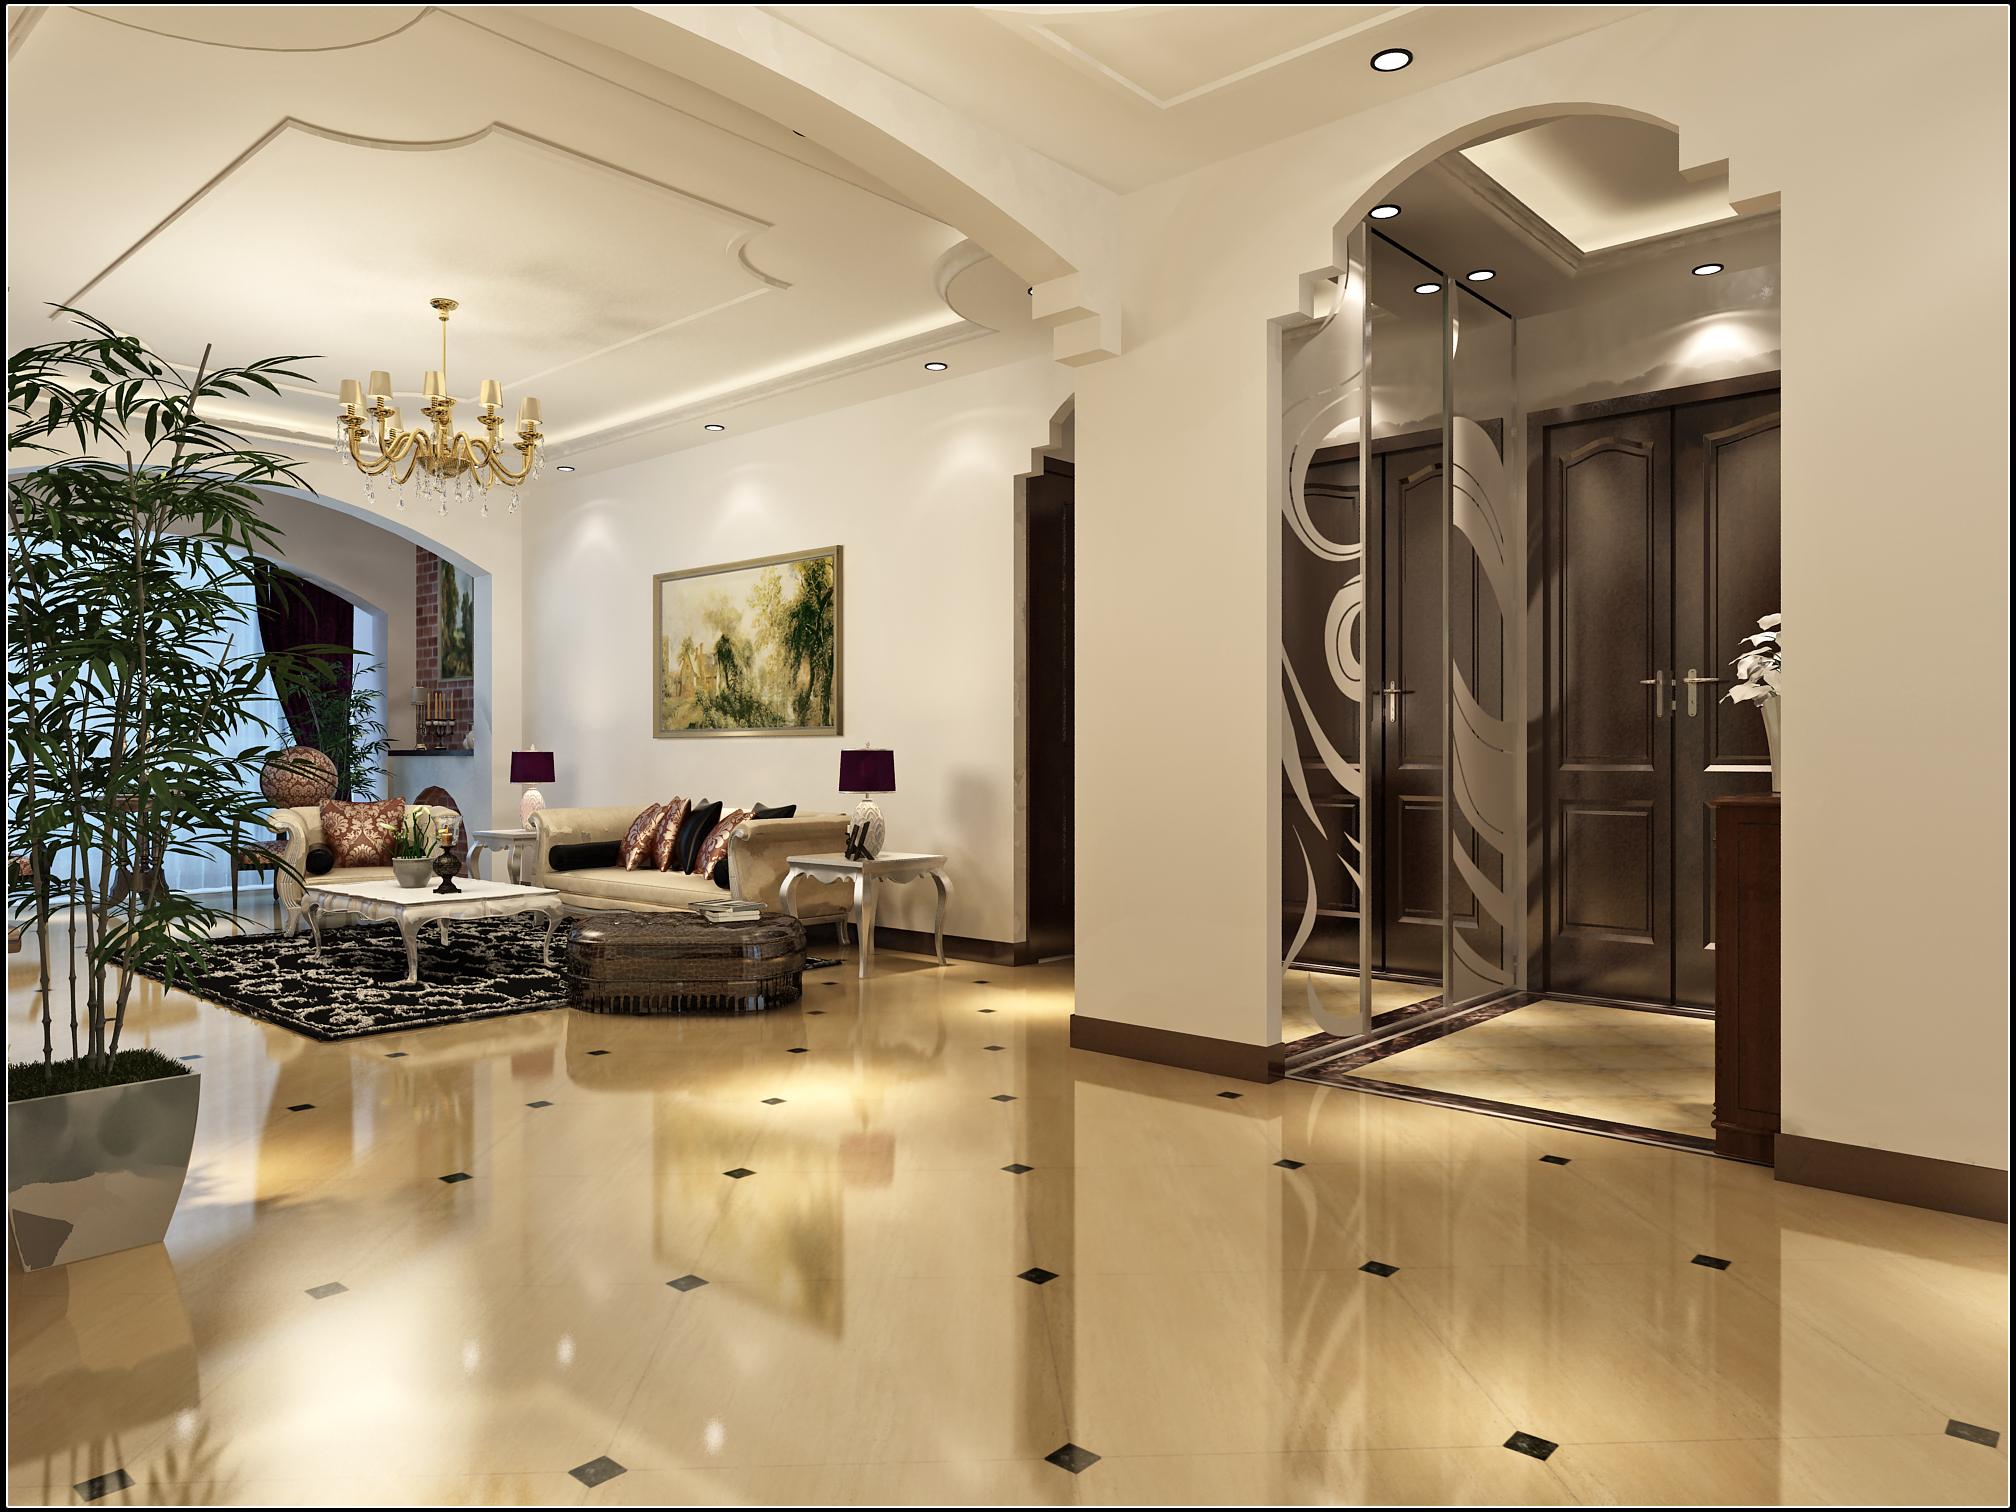 欧式风格 实创装饰 整体家装 欧式效果图 客厅图片来自北京实创装饰在领秀慧谷3居室158平米温馨家居的分享